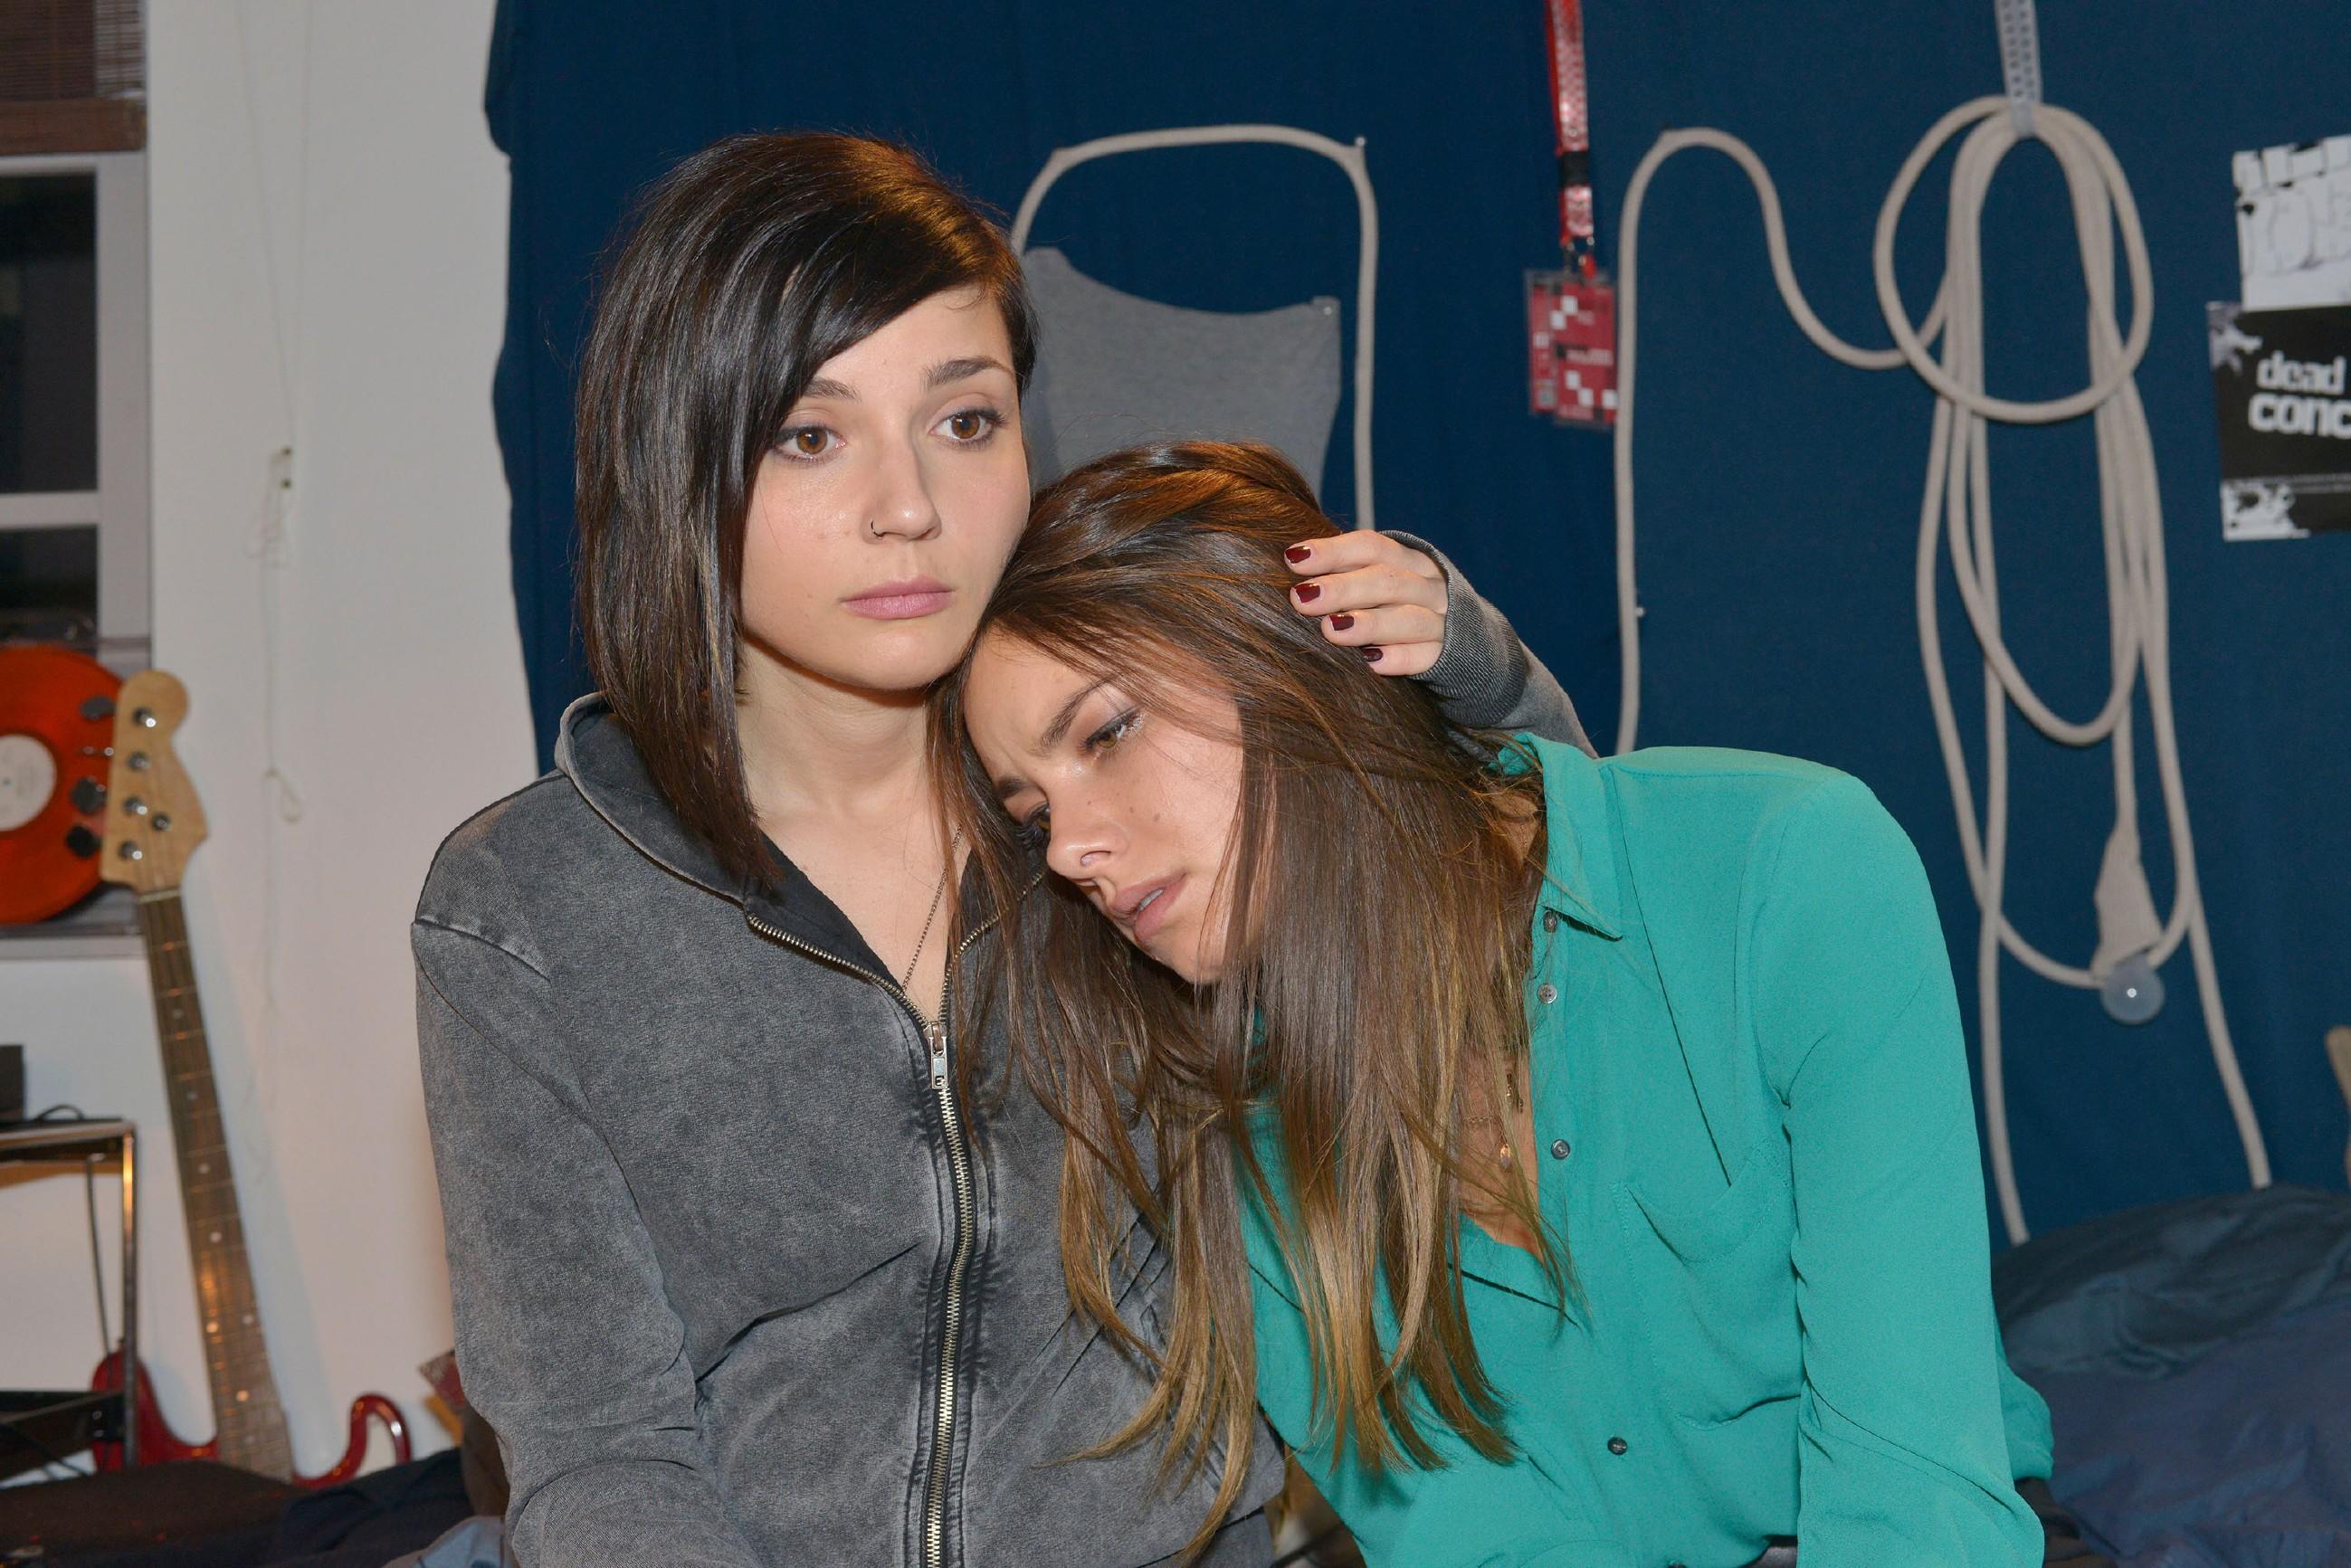 Anni (Linda Marlen Runge, l.) versucht, Jasmin (Janina Uhse) in ihrer Ohnmacht aufzufangen, während diese immer mehr das Ausmaß von Frederics Handeln begreift... (Quelle: RTL / Rolf Baumgartner)